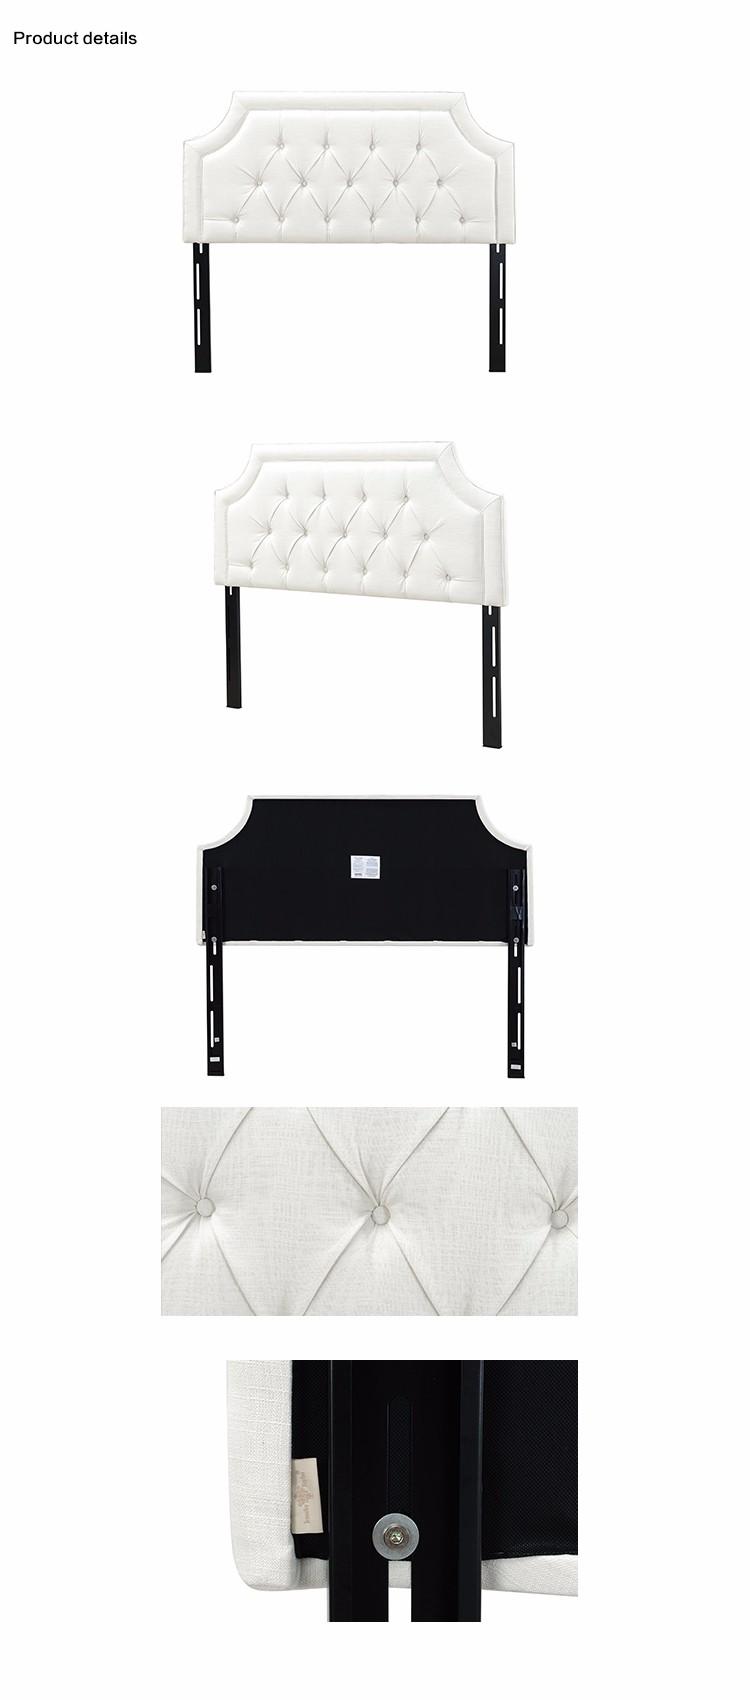 Muebles del hotel marco de madera tamaño queen cama cabecera, blanco ...